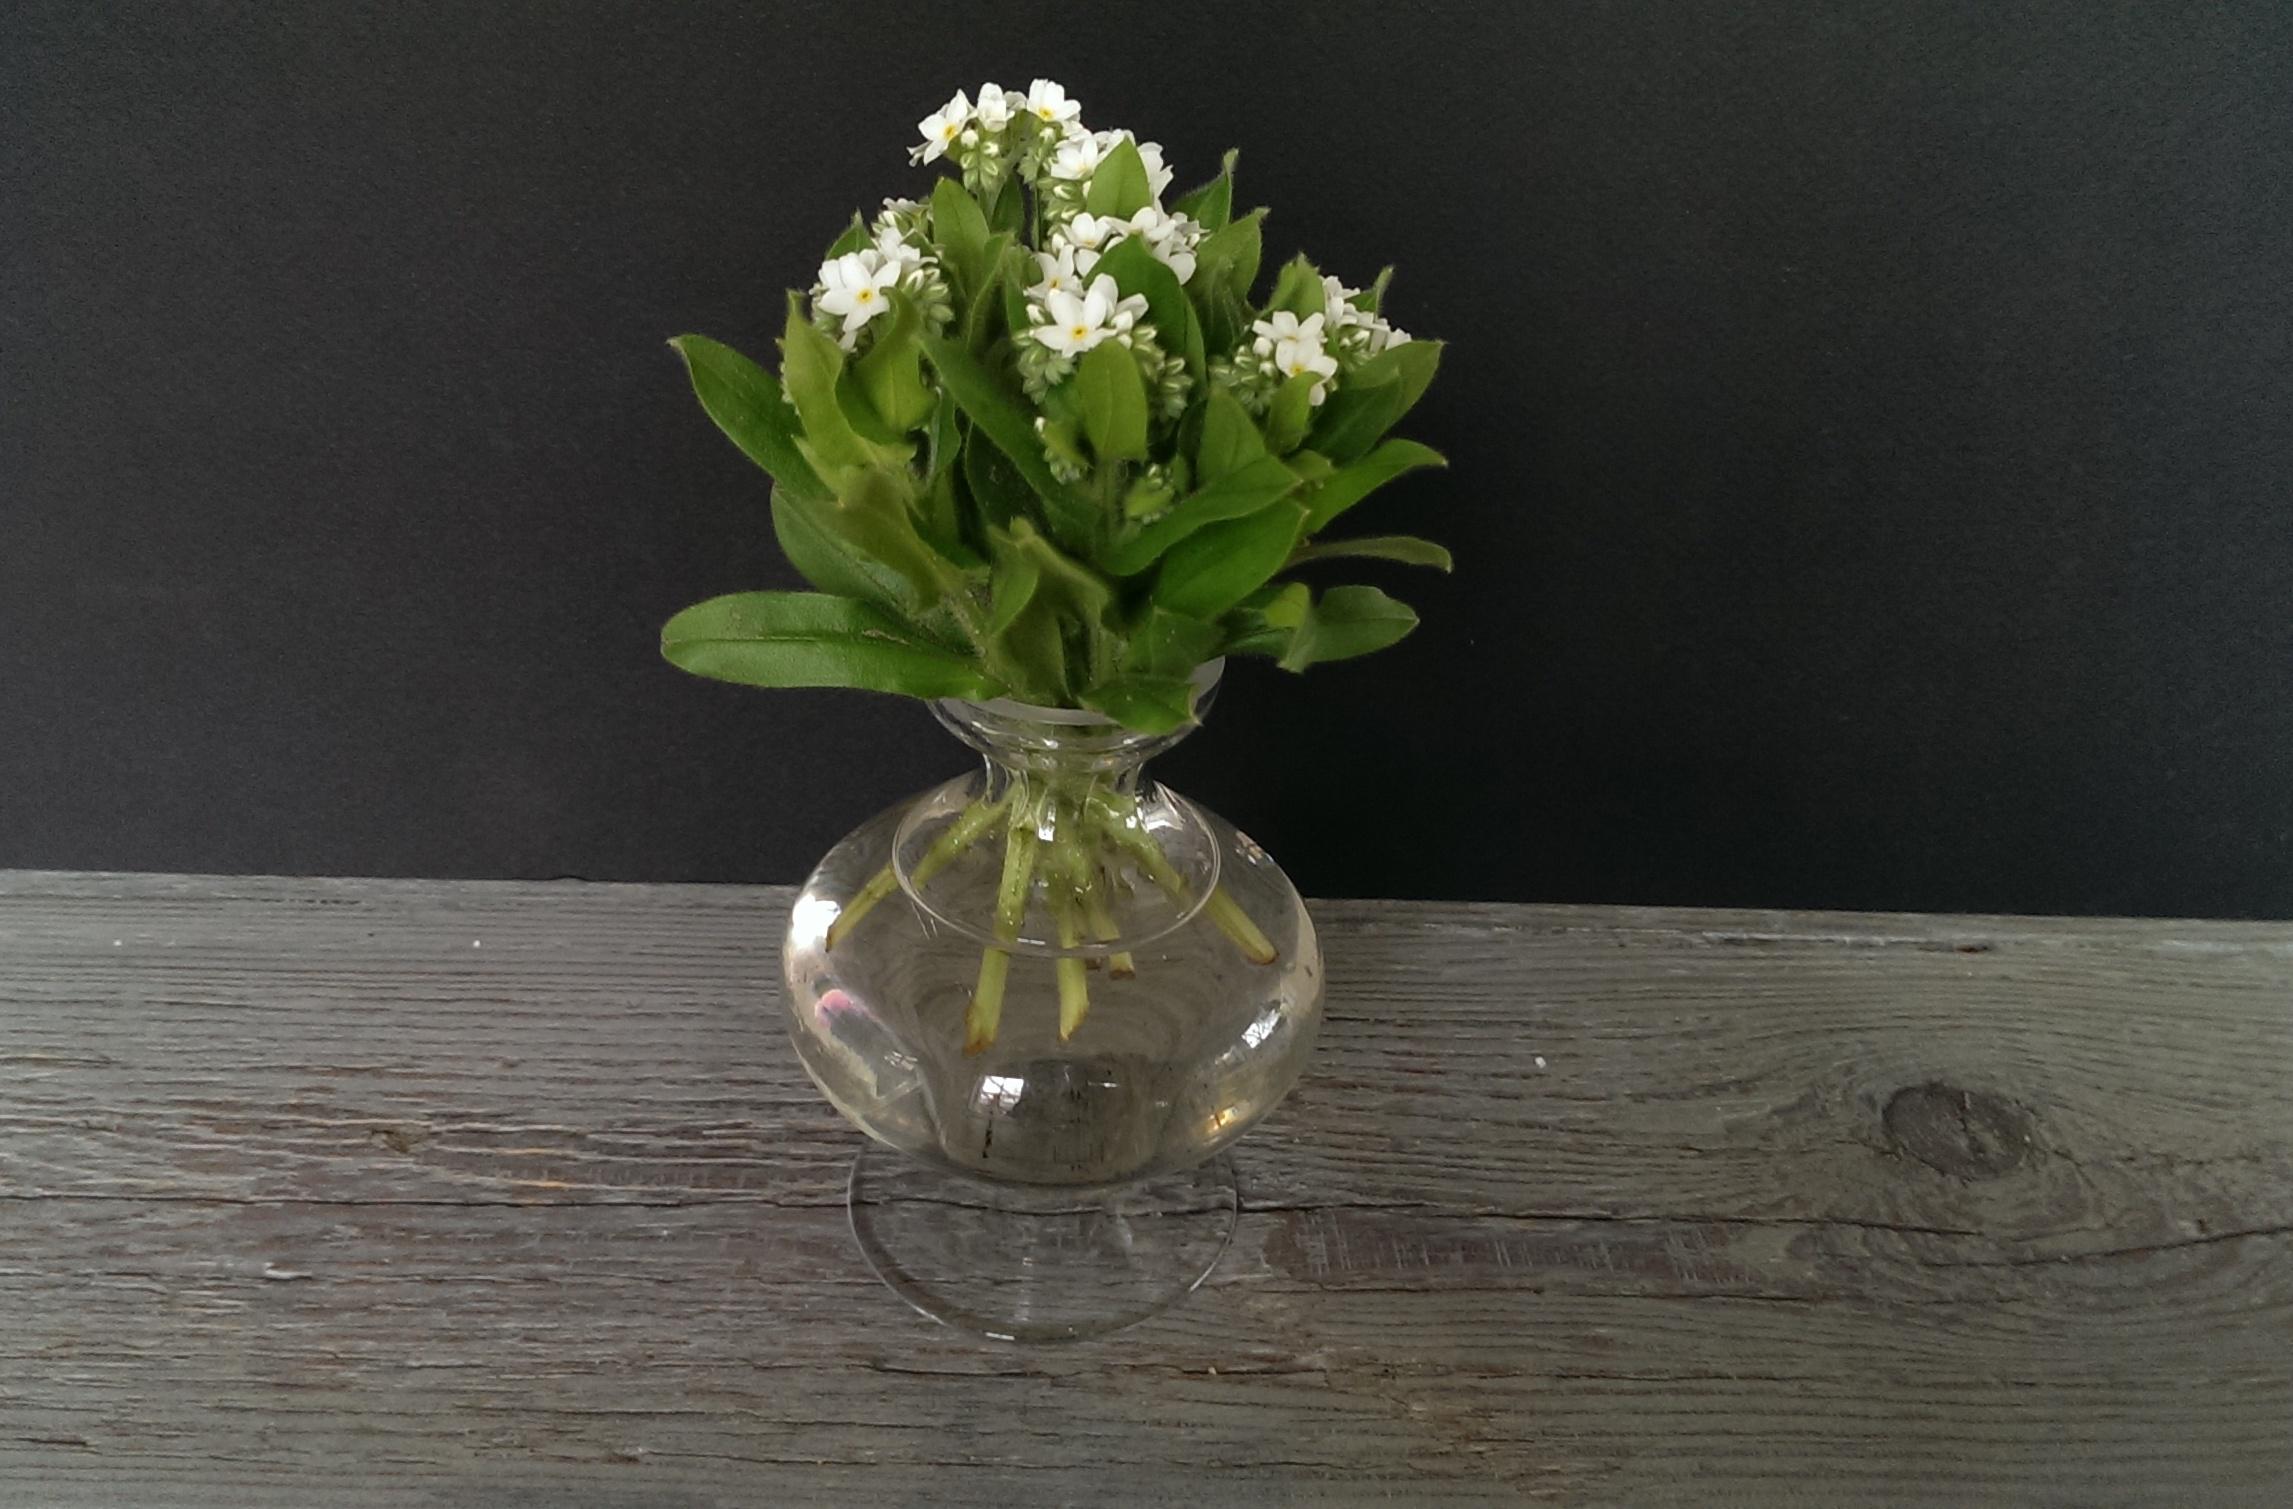 Op Mix Erf - bloemen en planten - Wendy Phaff - Gewoon vlieskelkje - vergeet-mij-nietje-wit